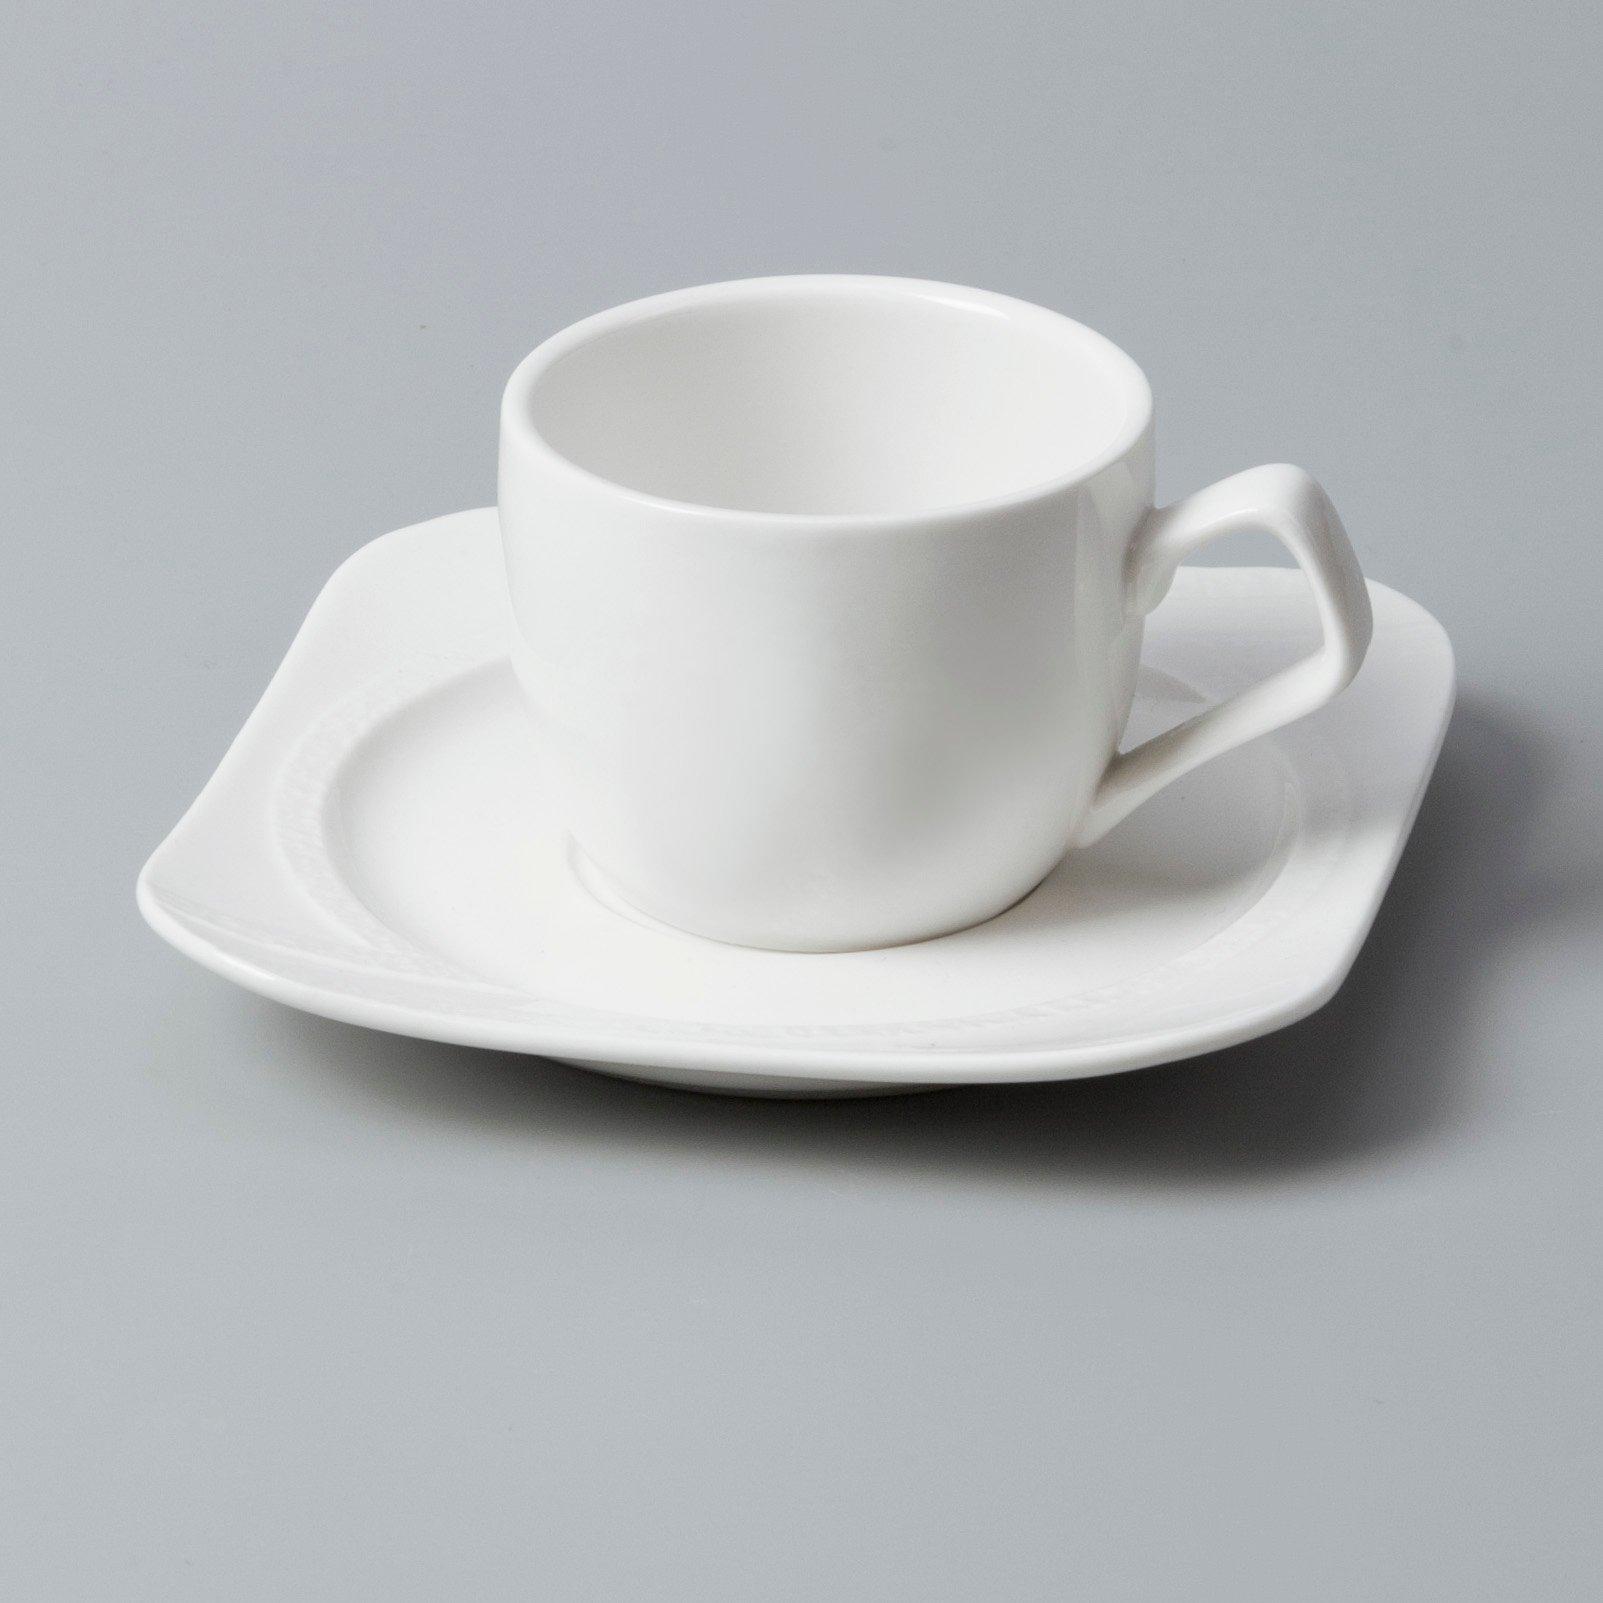 white porcelain tableware wang white dinner sets restaurant